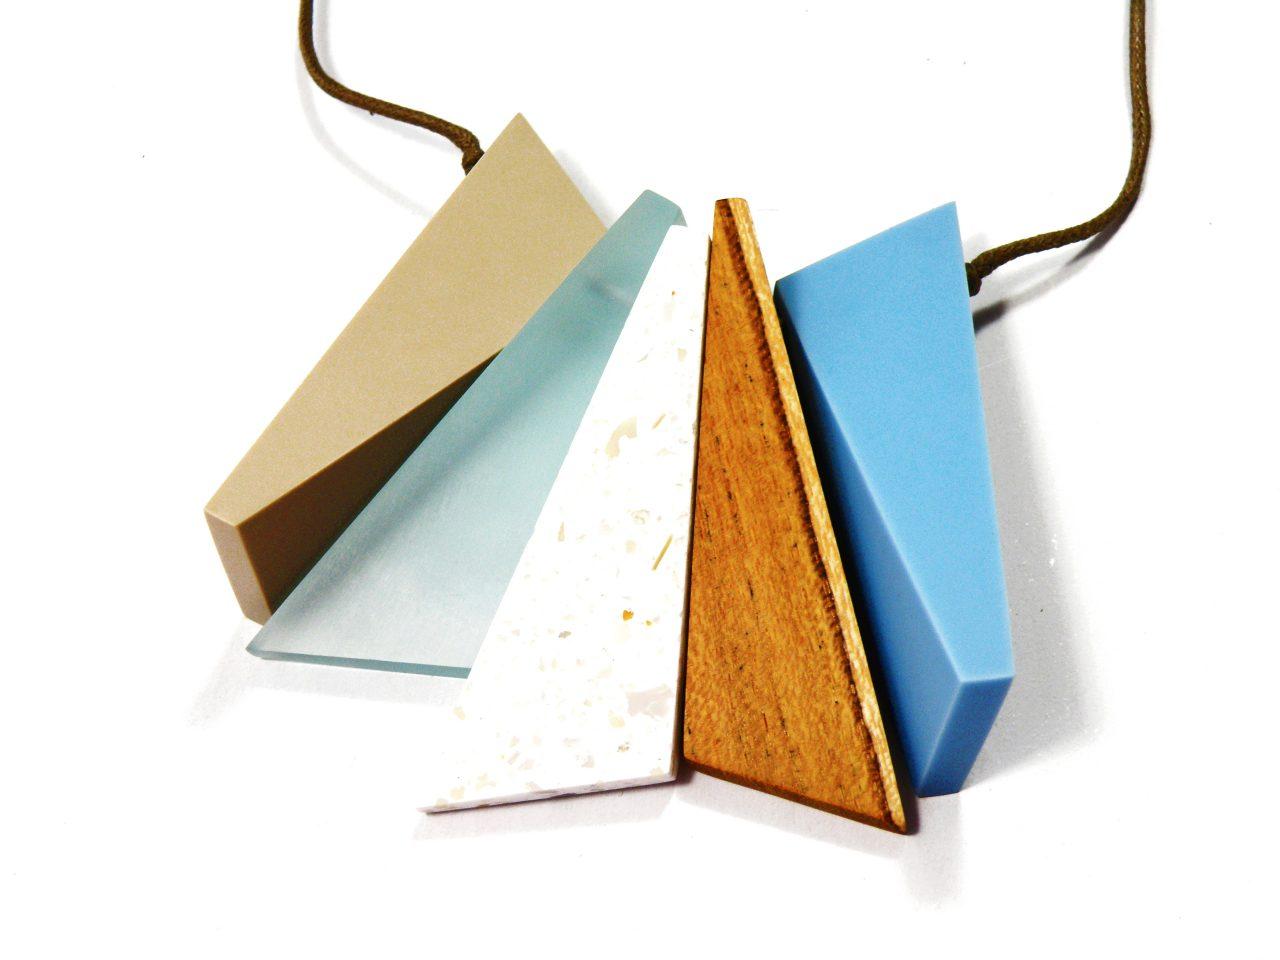 Halskette Harz und Holz mit Anhänger mehrfarbige Dreiecke